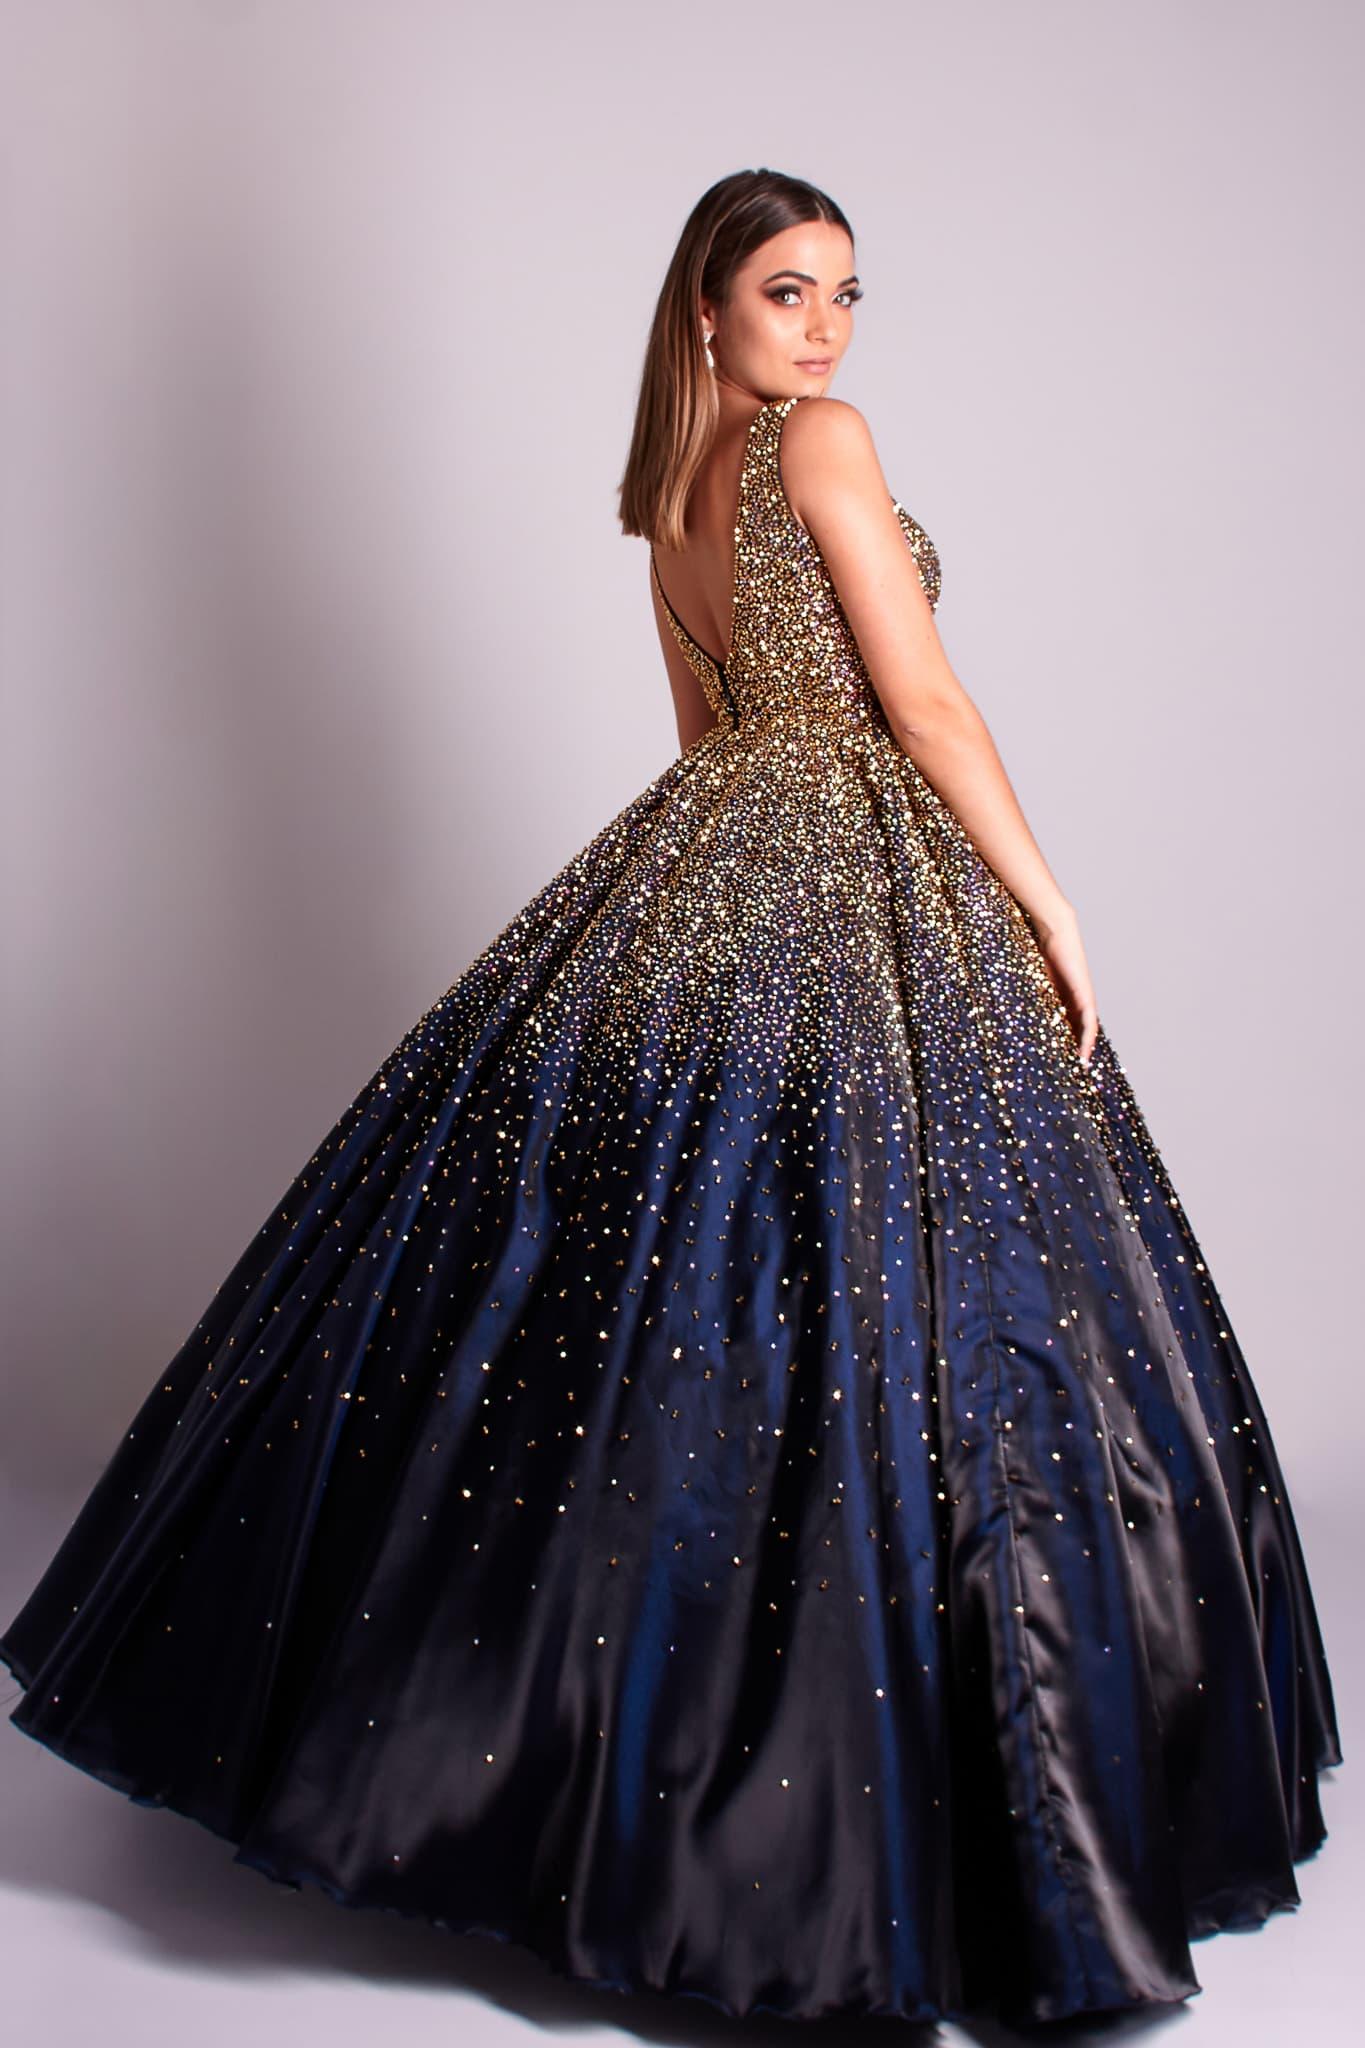 146 - Vestido azul marinho de valsa com cristais e decote V nas costas